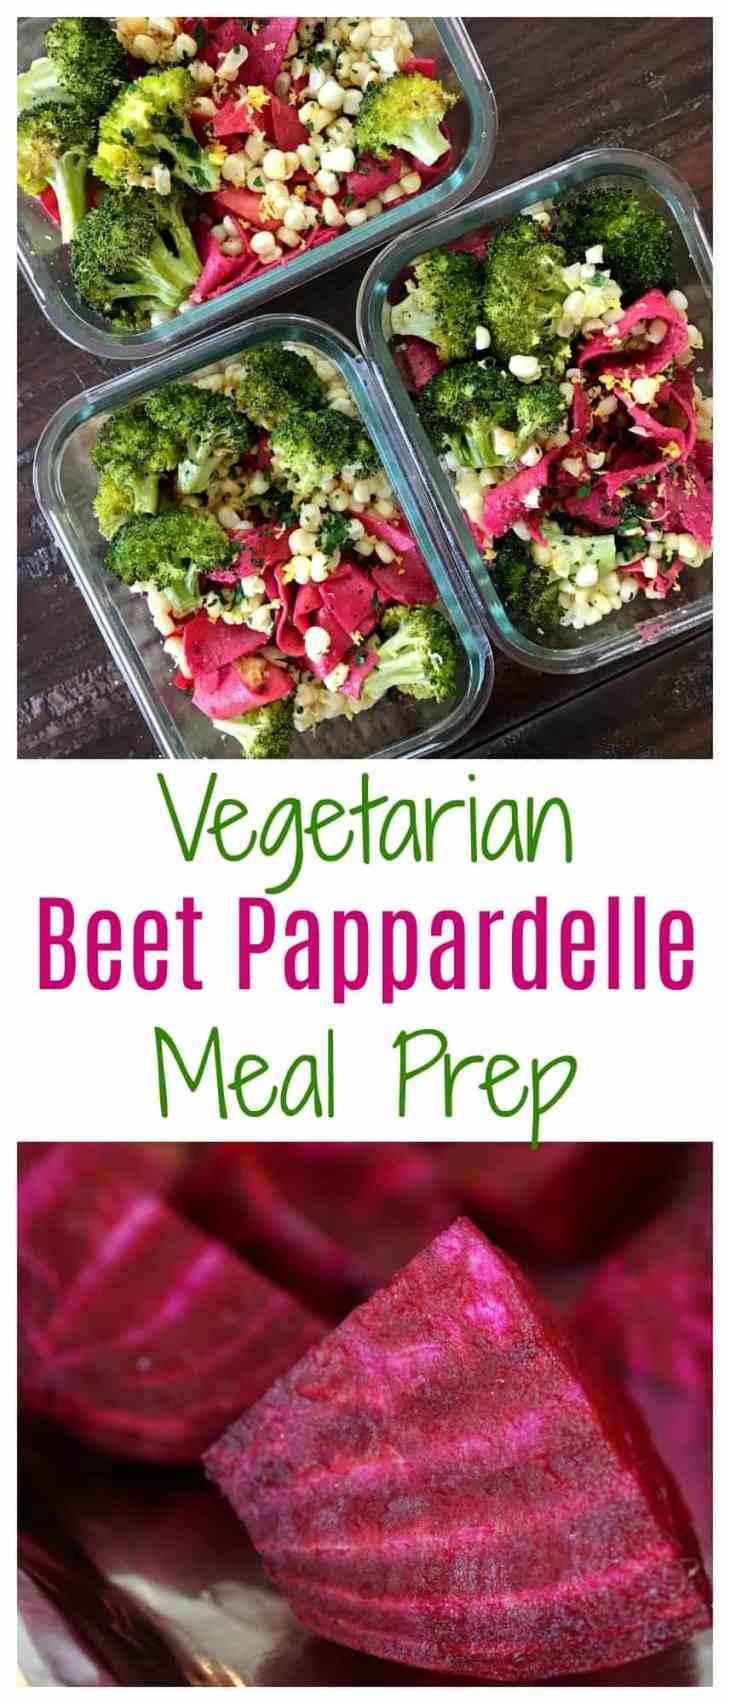 Vegetarian Beet Pappardelle Meal Prep